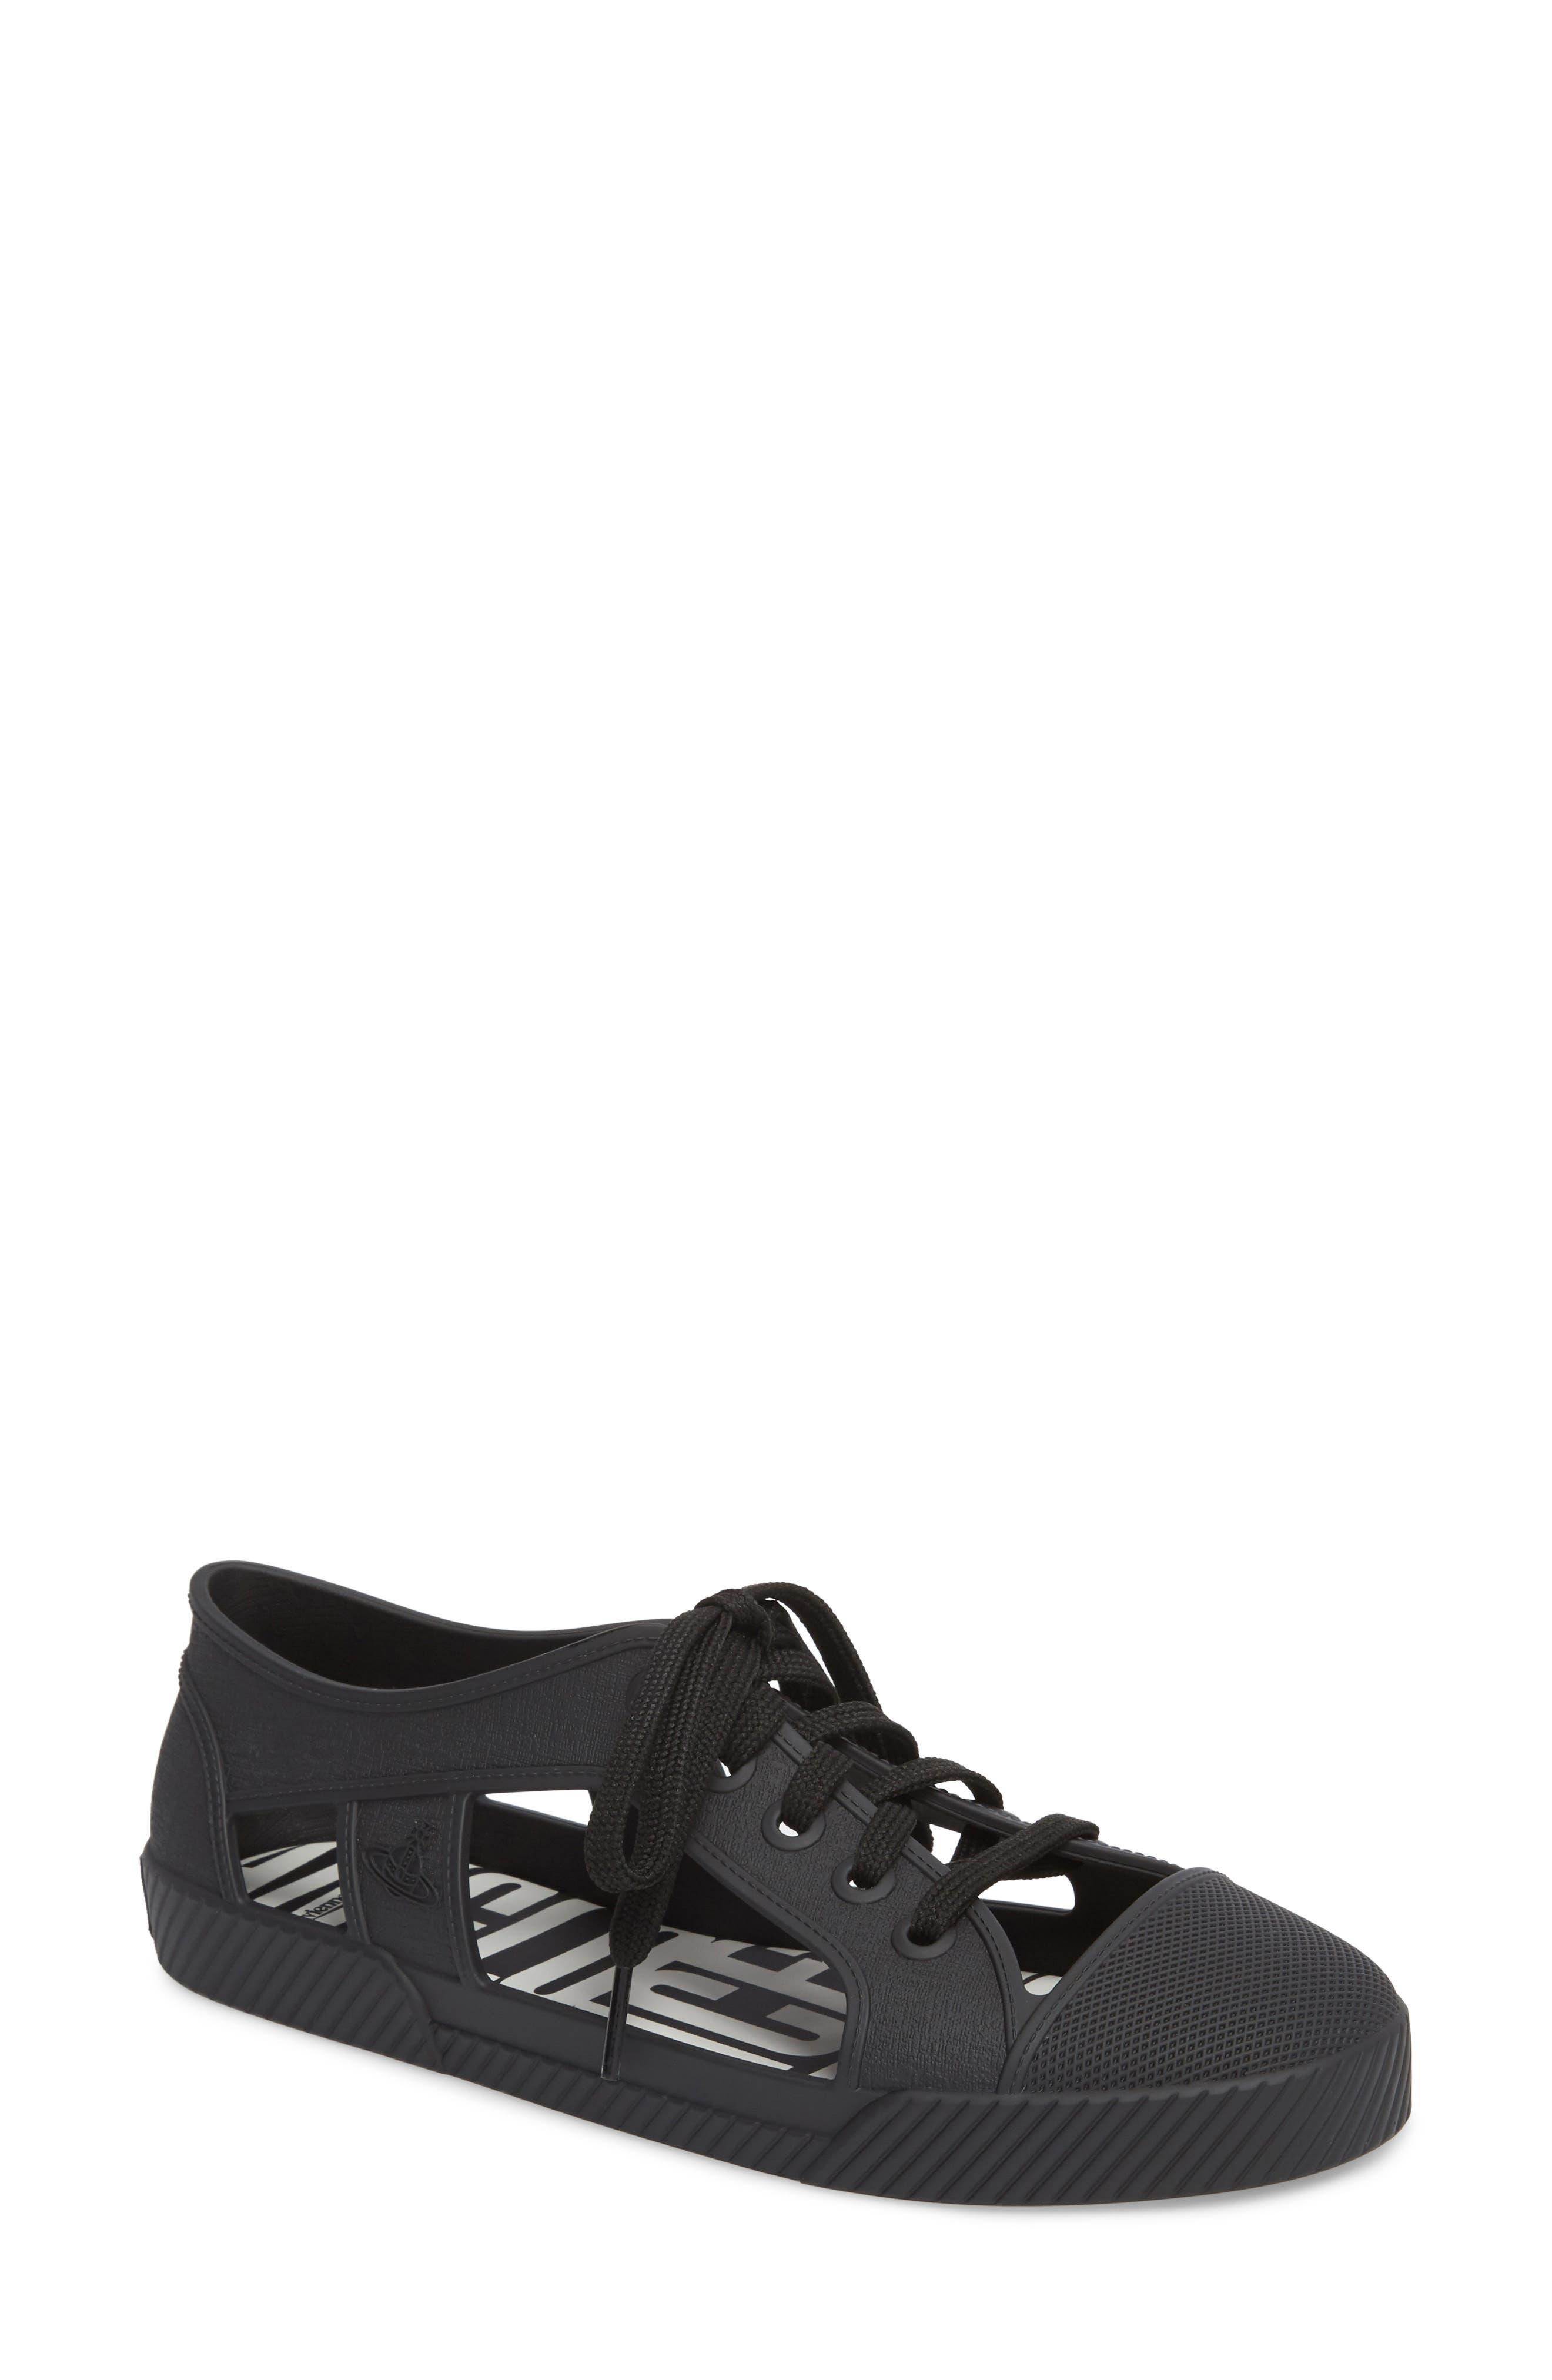 X Vivienne Westwood Brighton Sneaker in Black